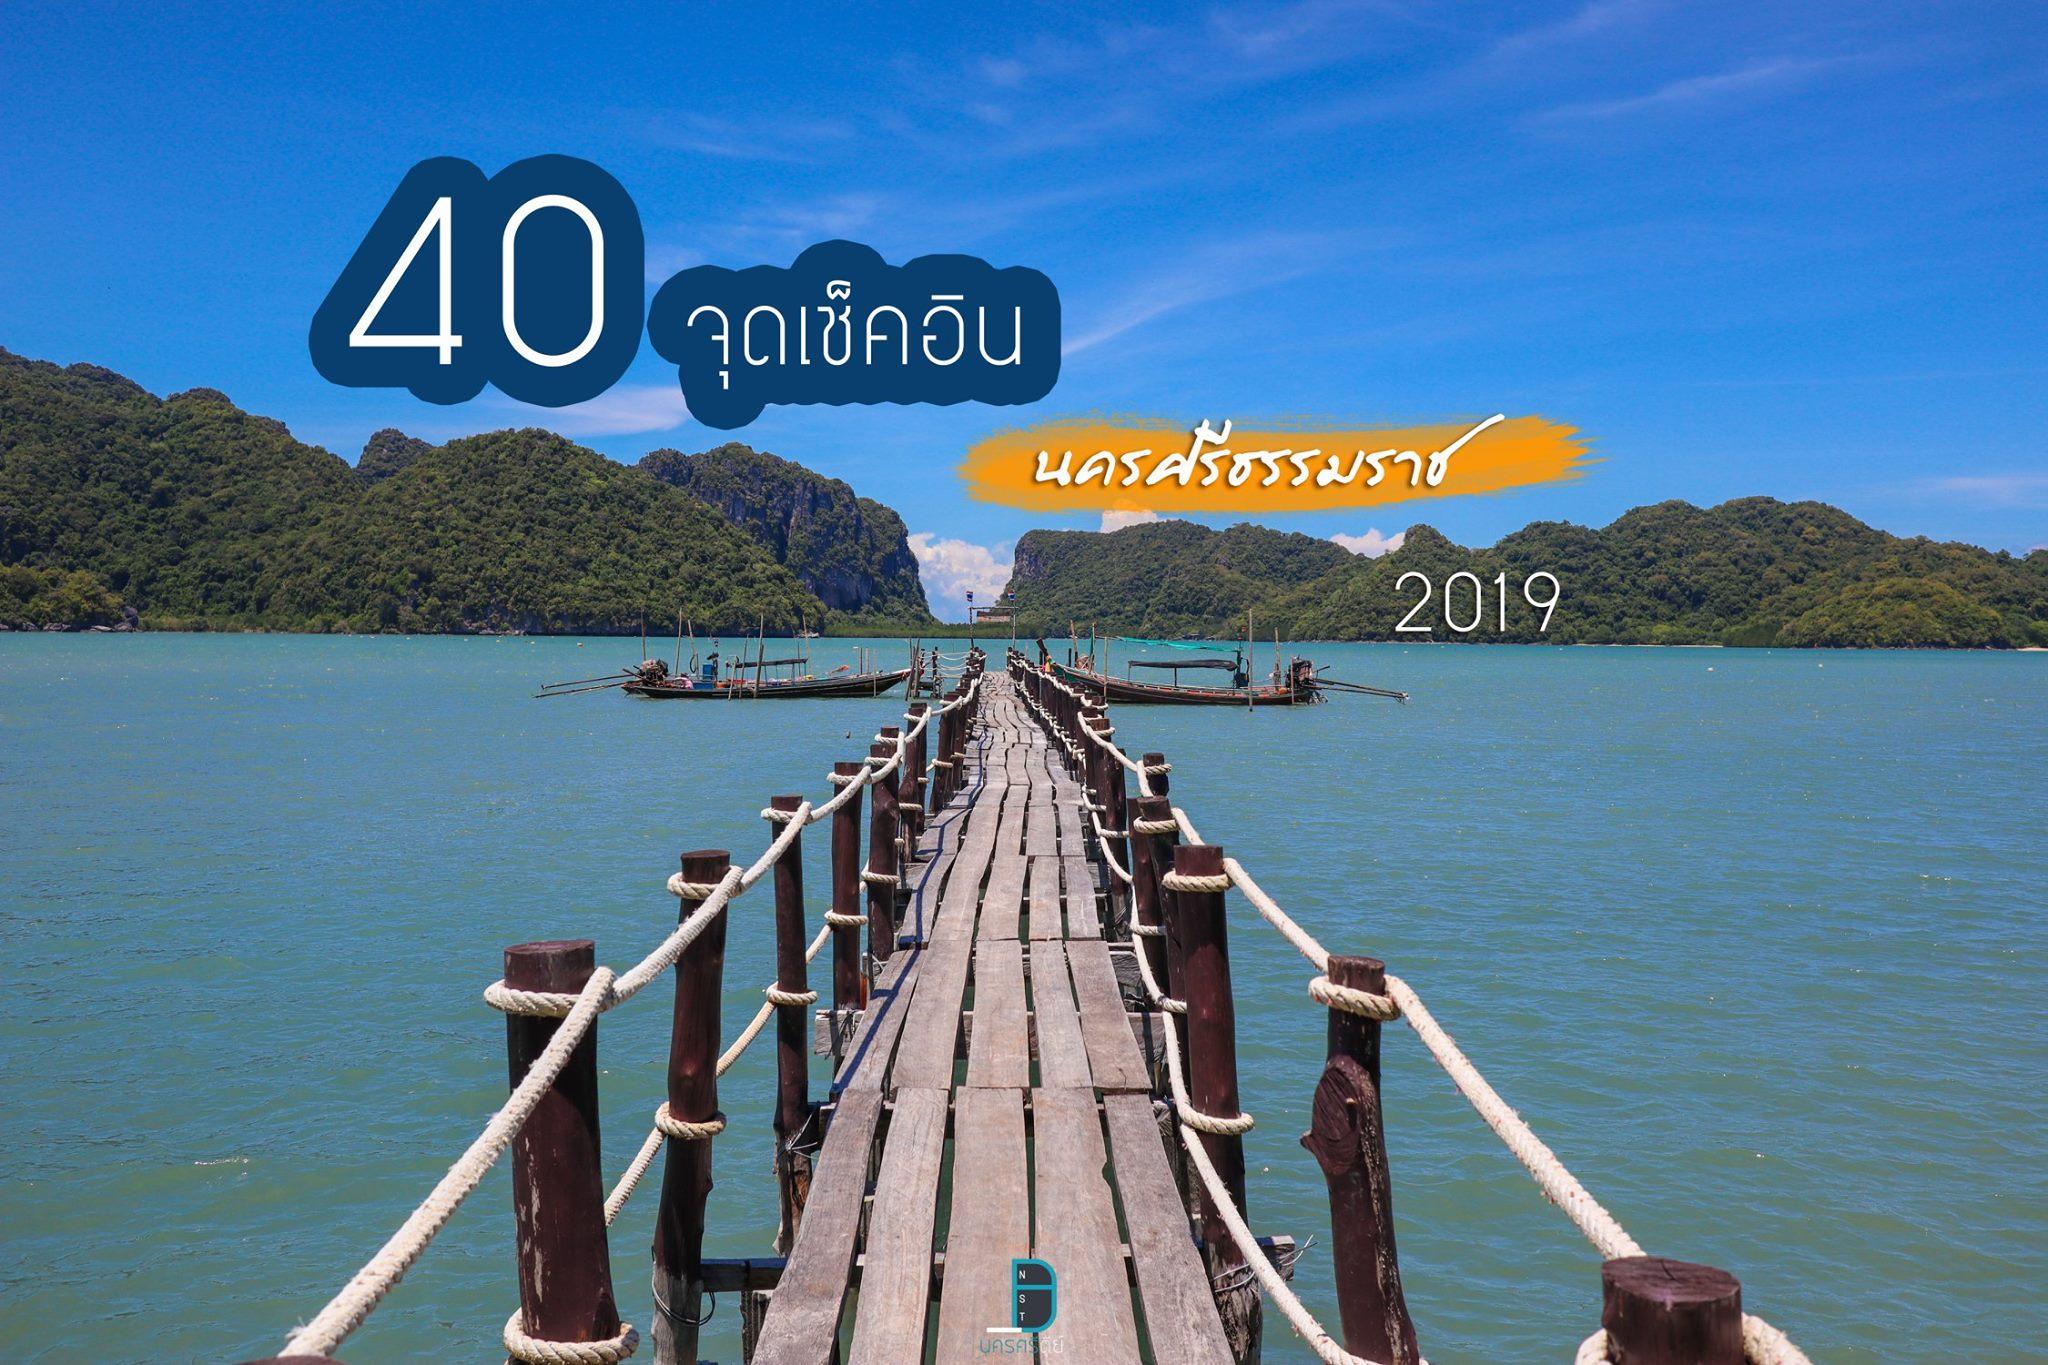 40 สถานที่ท่องเที่ยวนครศรีธรรมราช 2021 จุดเช็คอินใหม่ๆสวยเด็ด